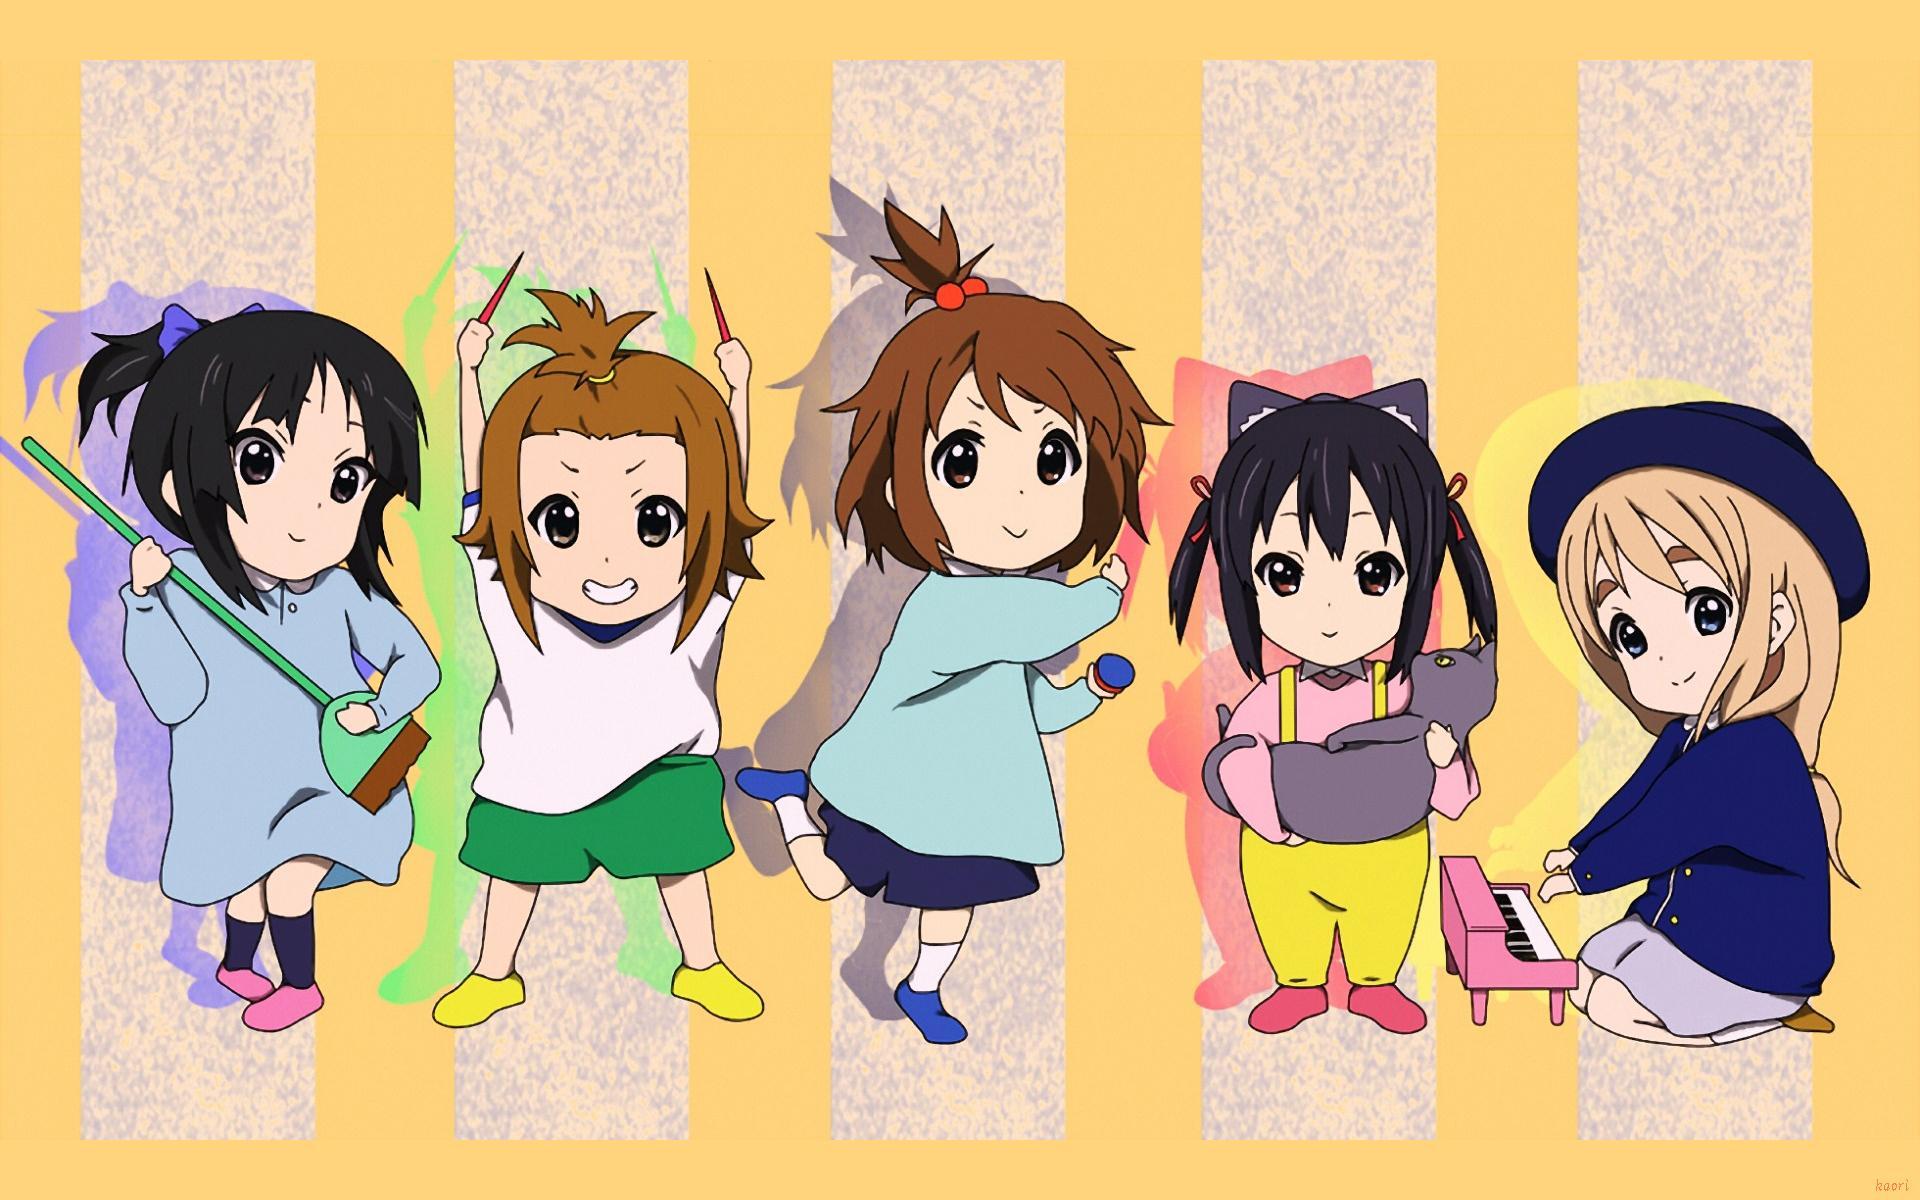 出典pictureroom.blog90.fc2.com. けいおん!壁紙